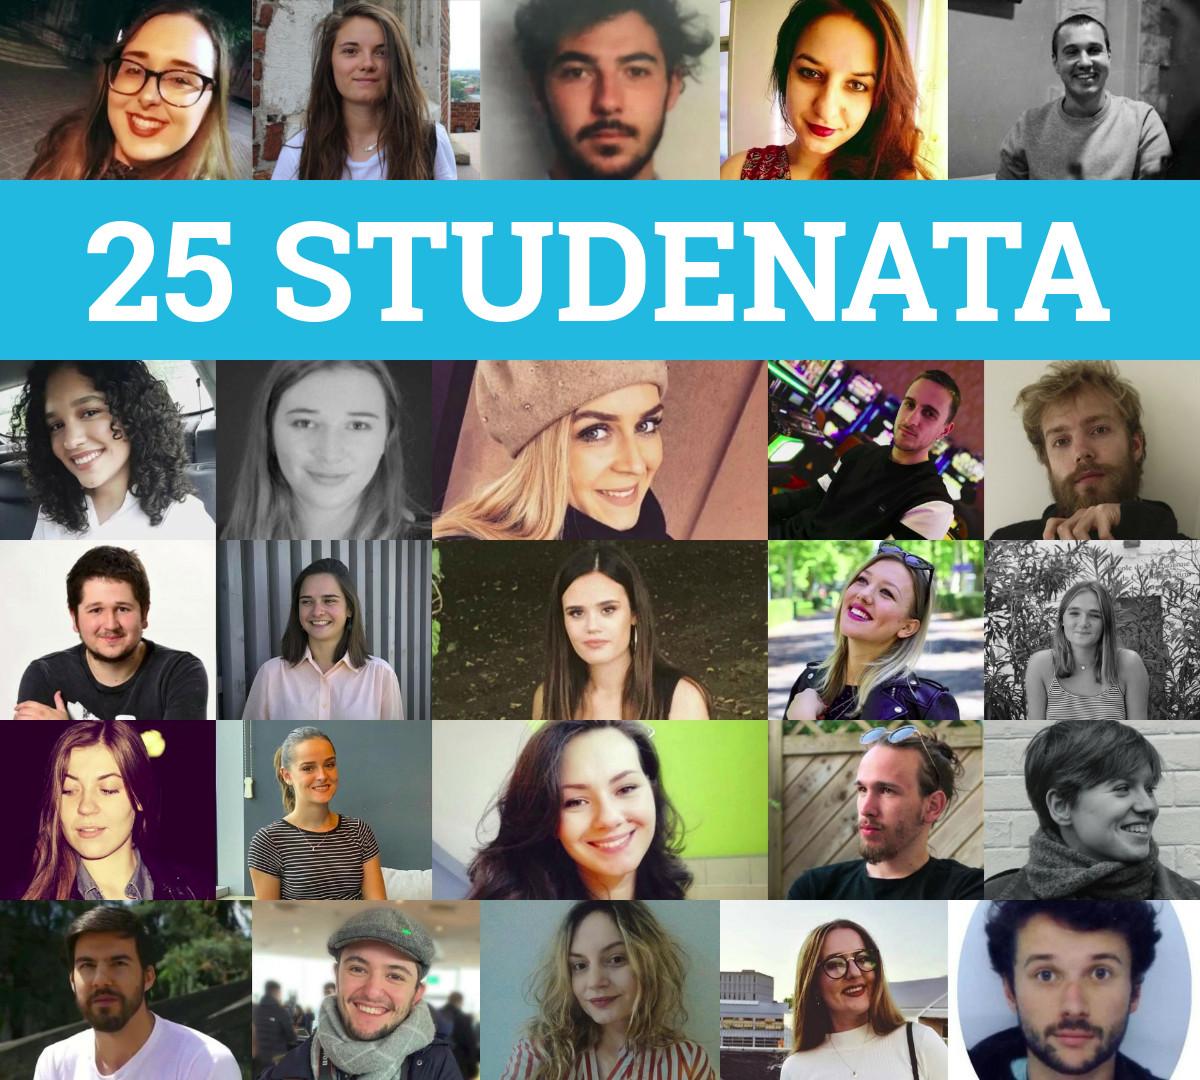 25 studenata